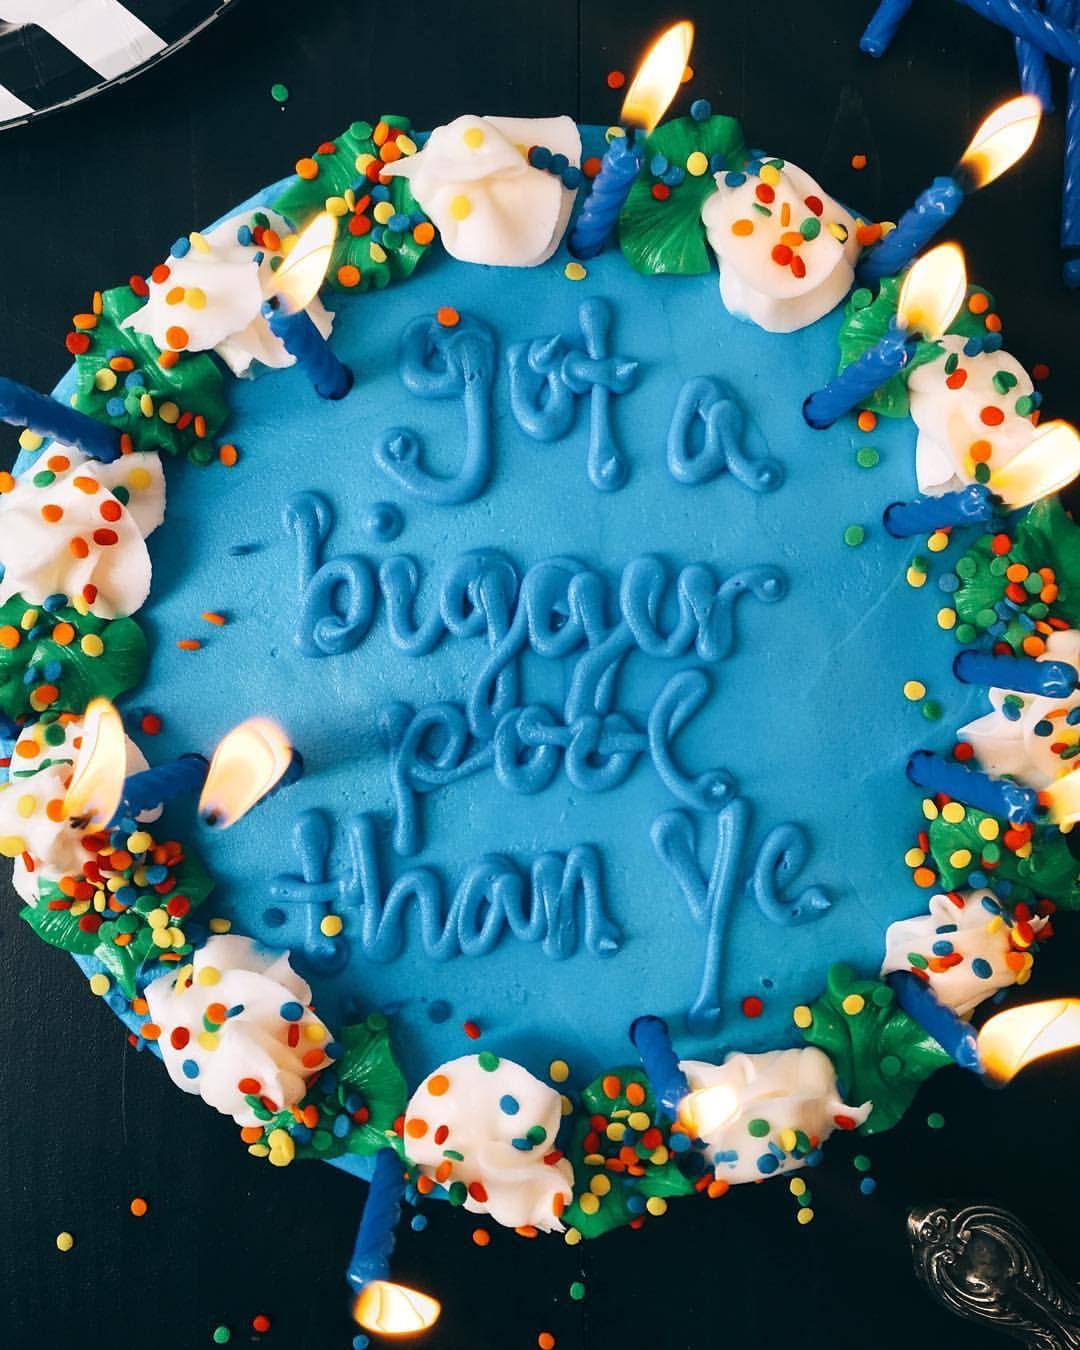 Drake on Cake drakeoncake favorites Pinterest Cake Eat cake